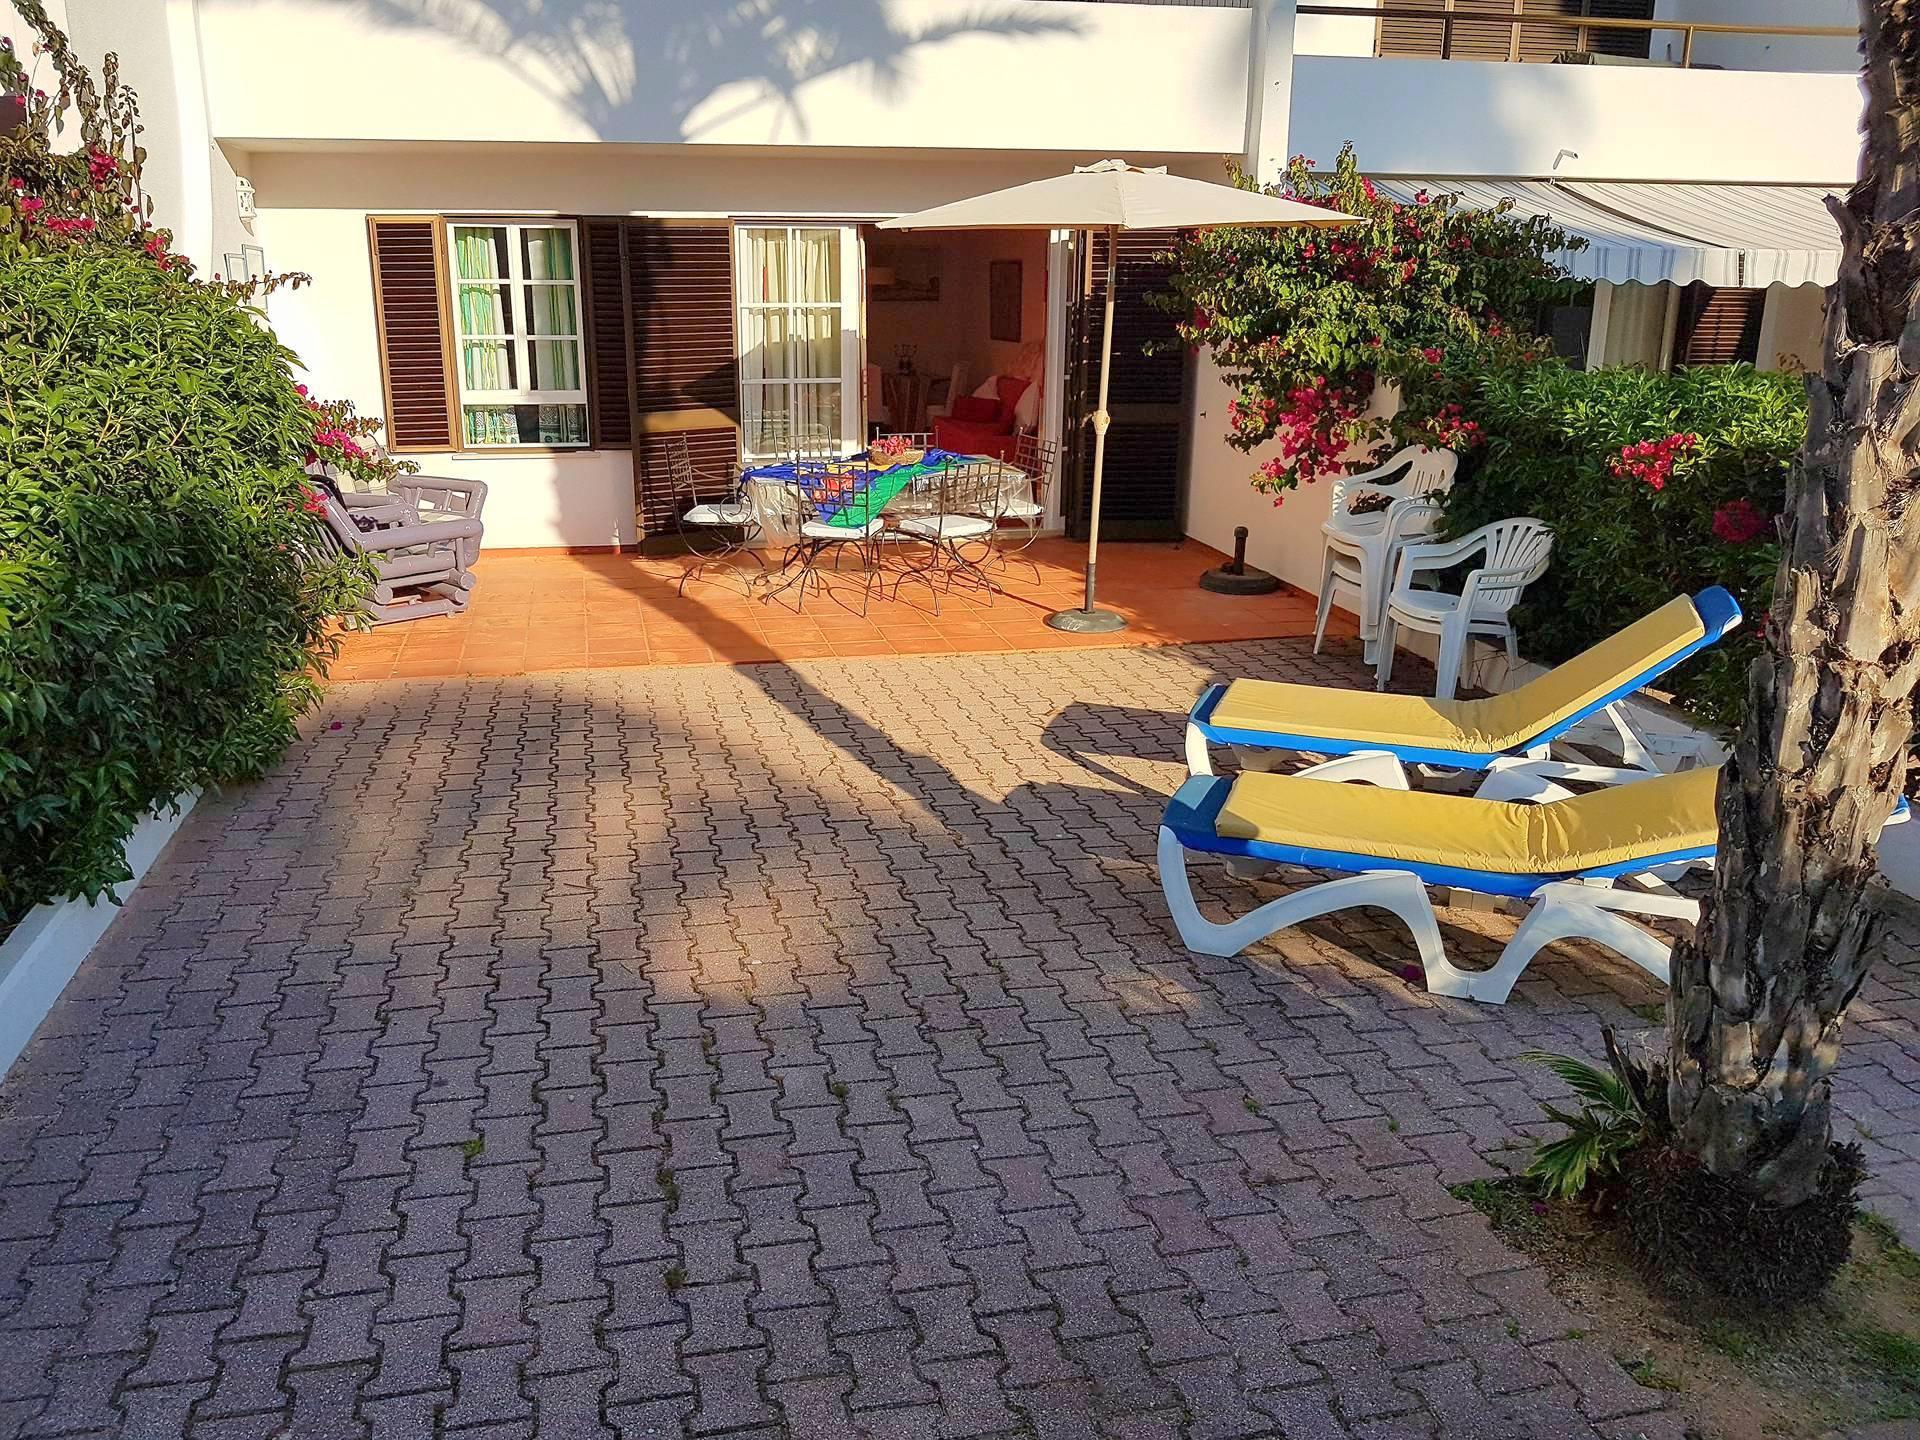 Apartamentos e moradias para alugar, Appart 2 chambres – piscine et tennis – Albufeira em Albufeira, Portugal Algarve, REF_IMG_7166_8633